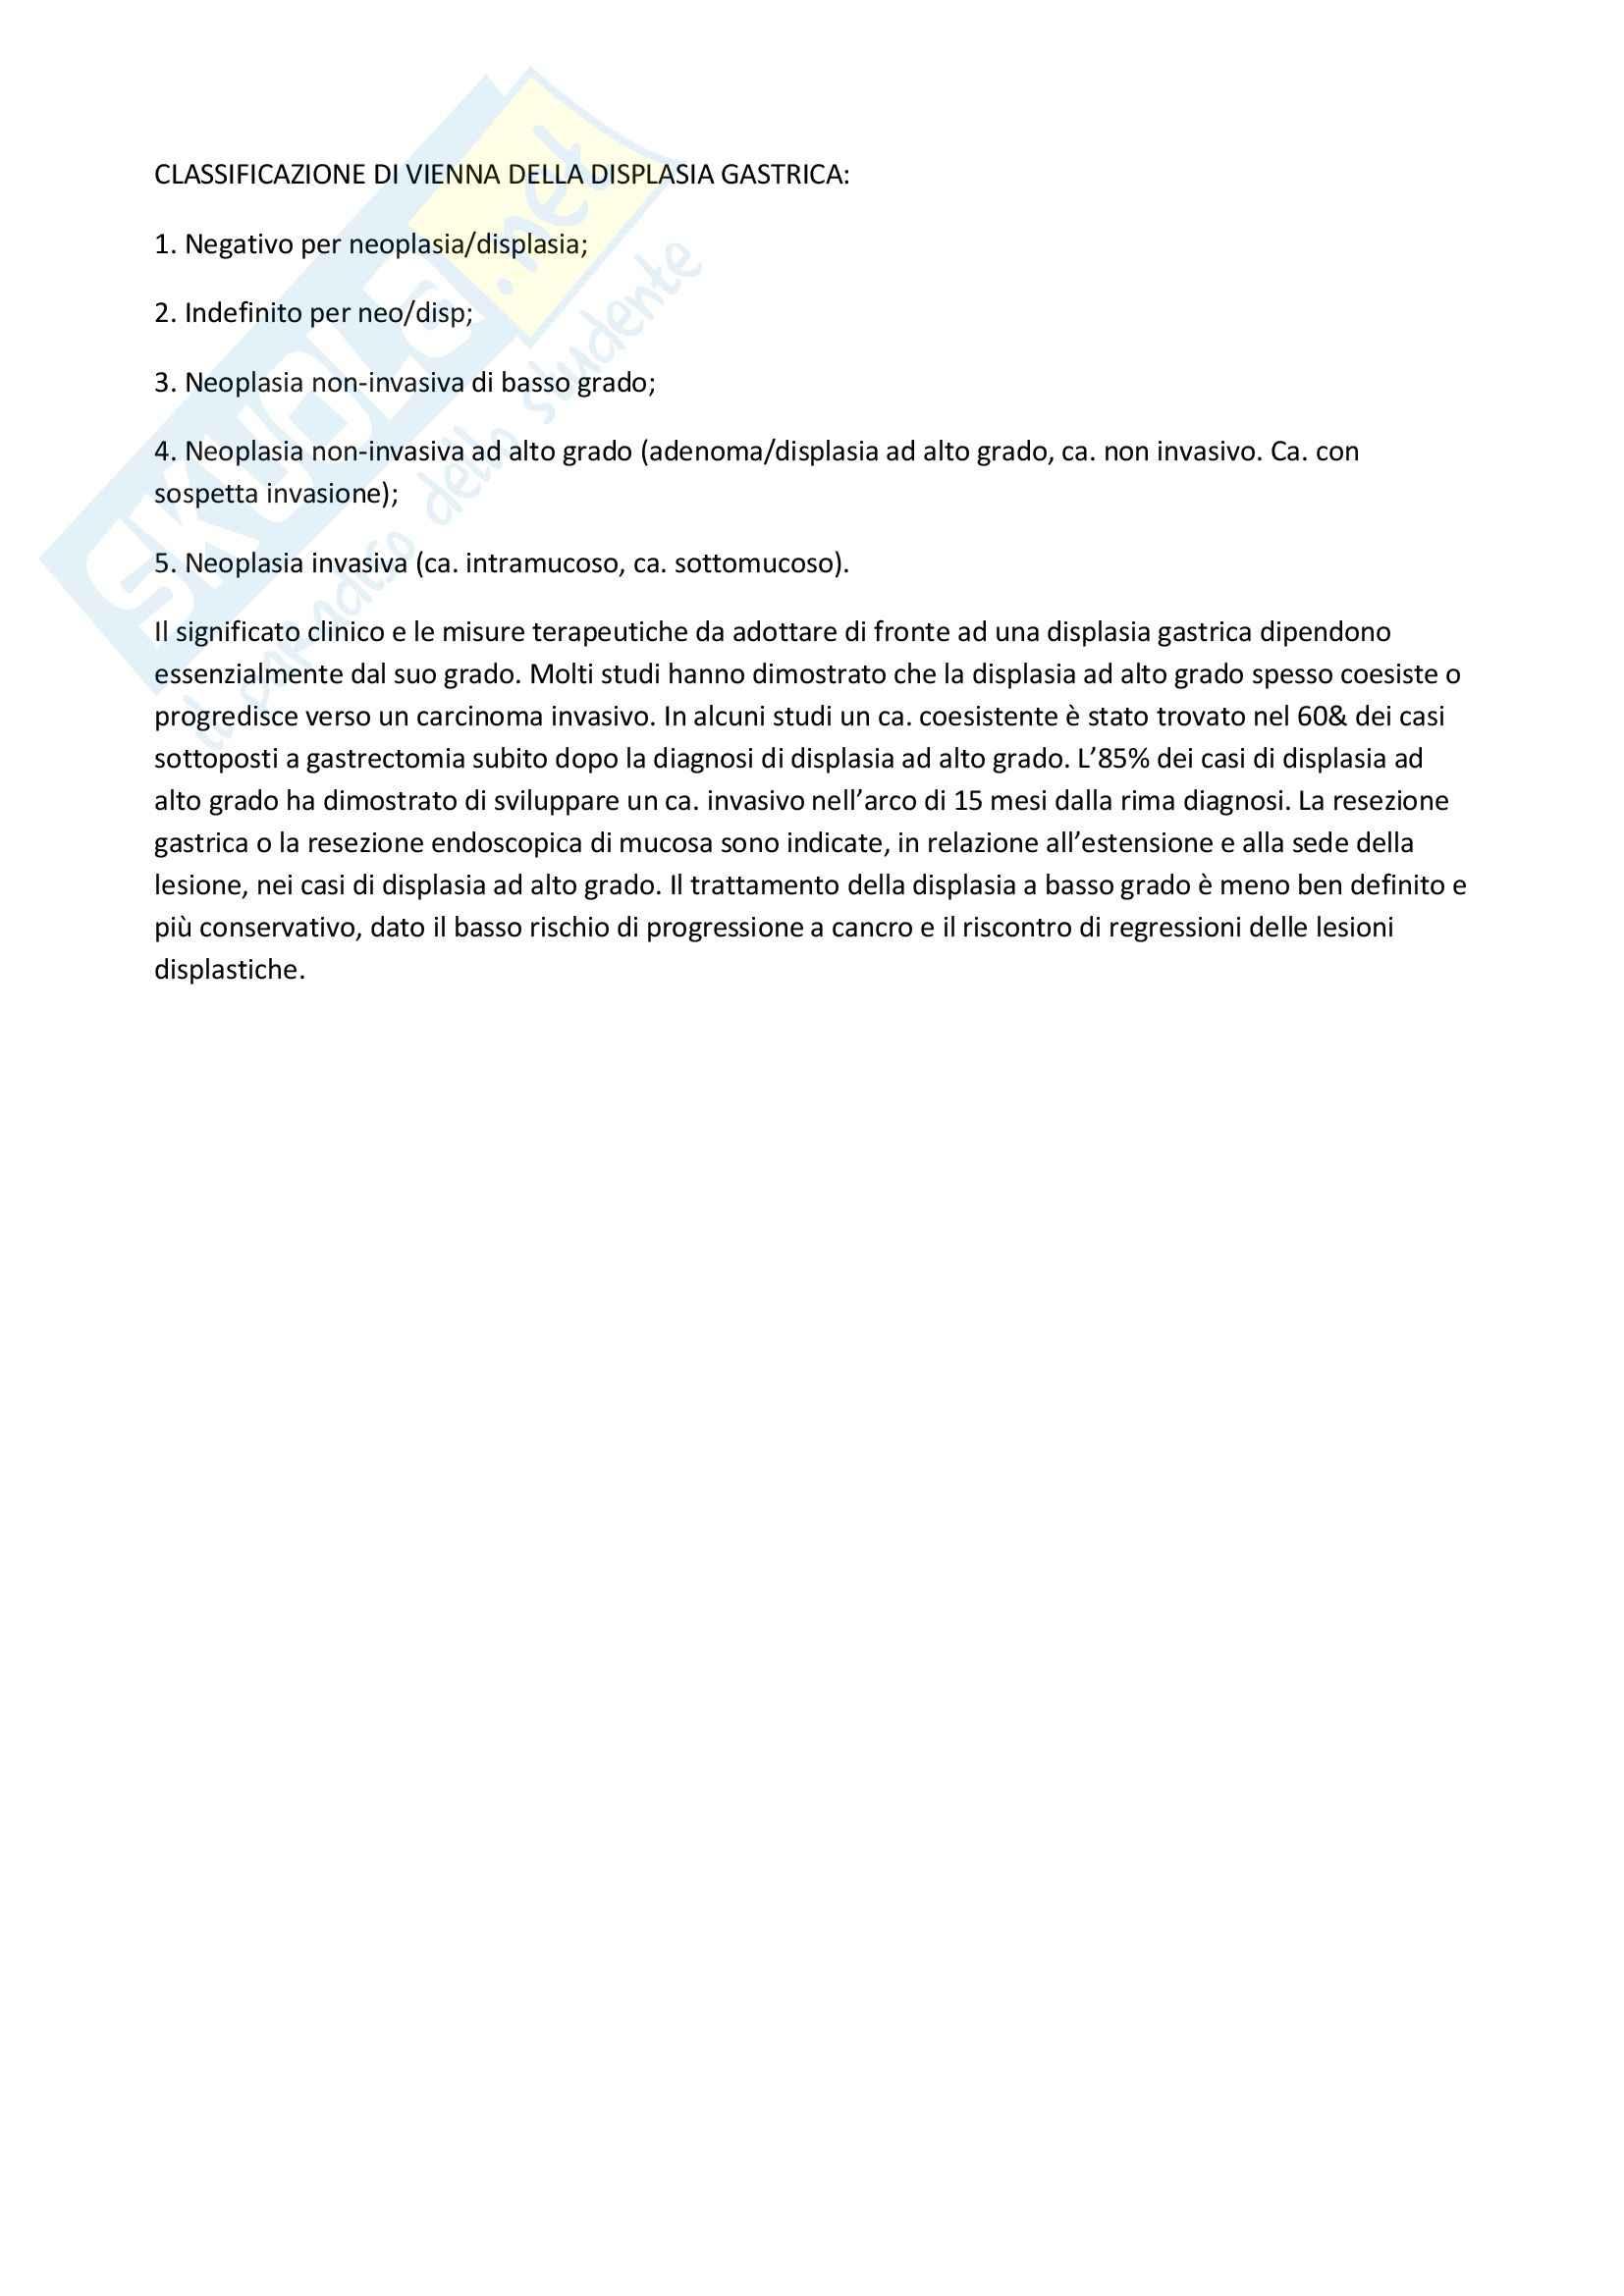 Anatomia patologica - la classificazione di Vienna della displasia gastrica